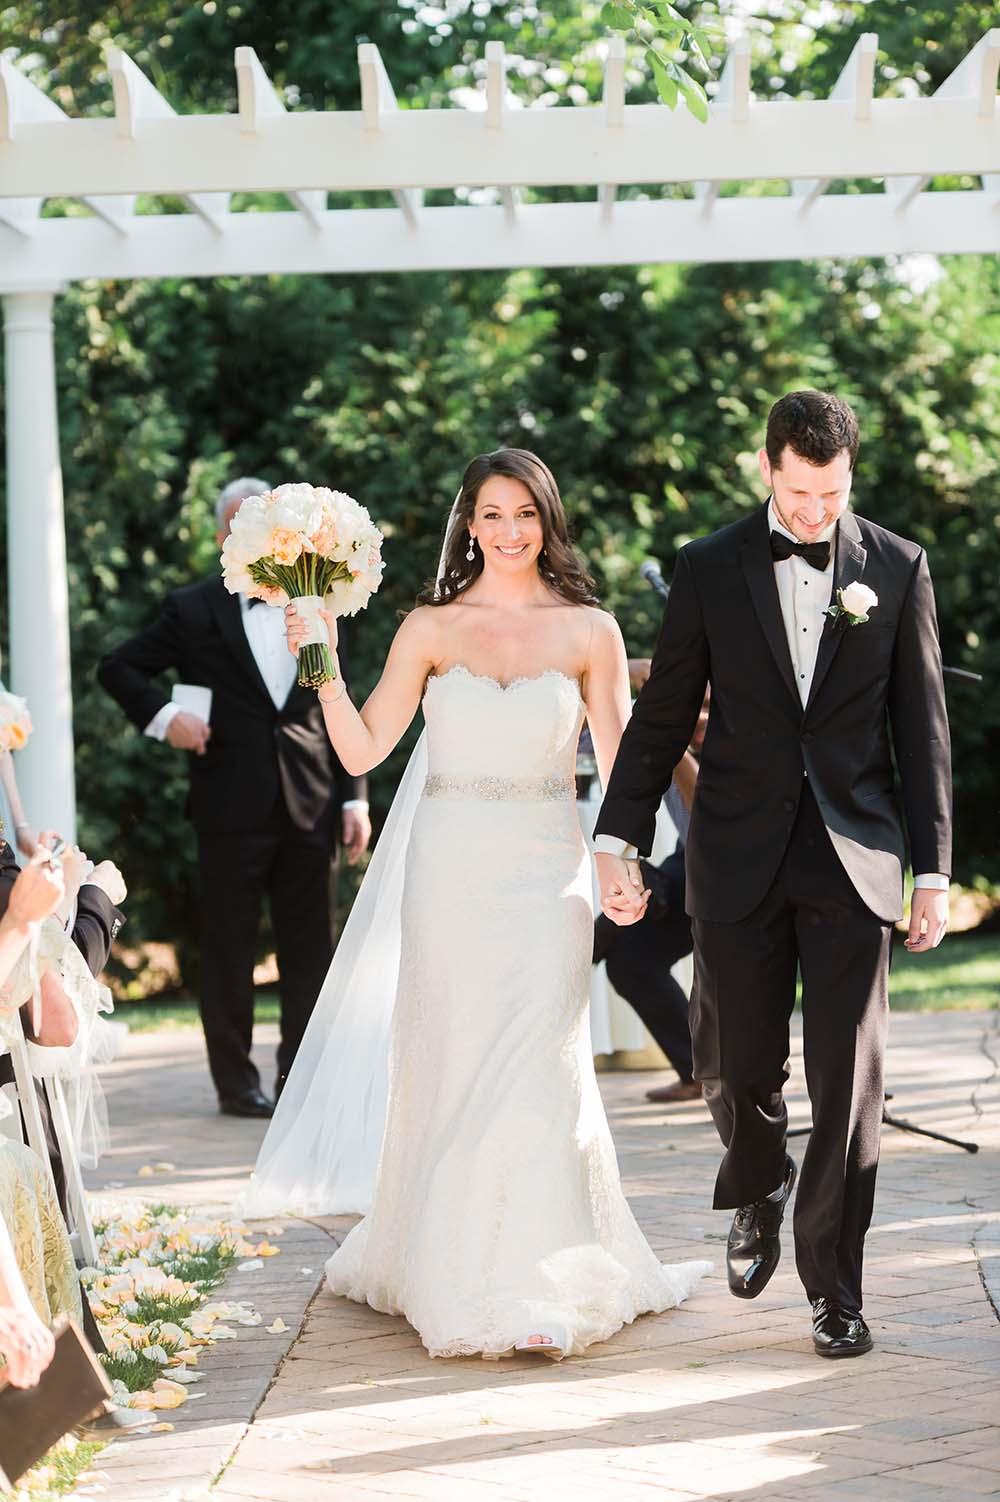 farmington-gardens-wedding-greg-lewis-photography-35